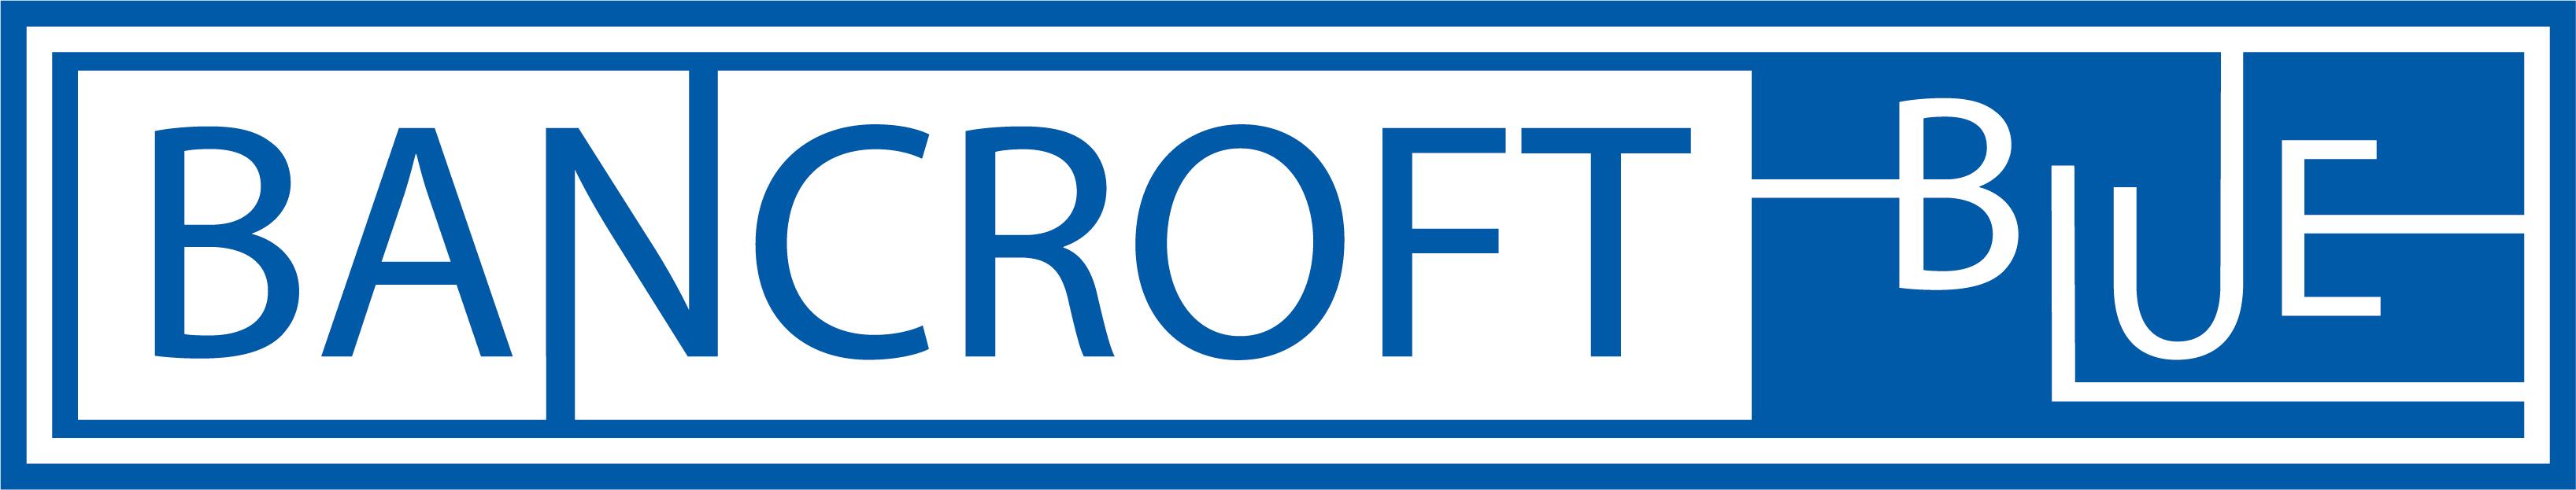 Bancroft Blue LOGO